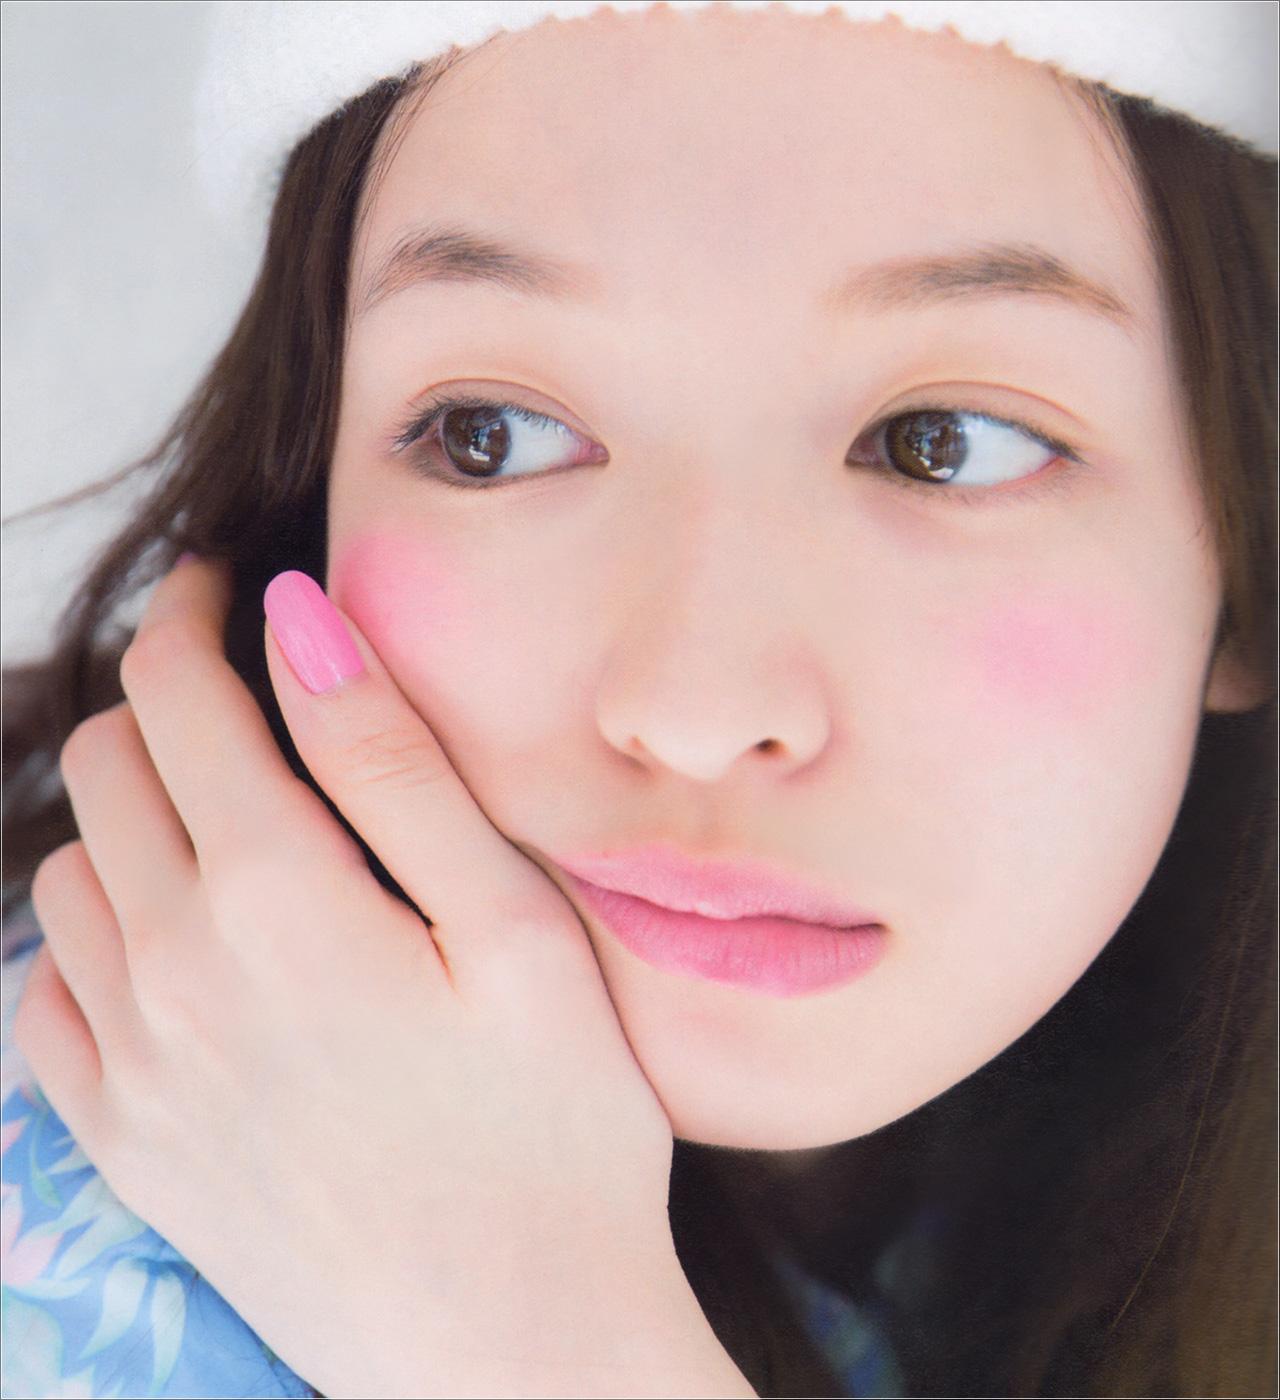 憧れの森絵梨佳さんメイクをハイライト化粧で手に入れよう。のサムネイル画像